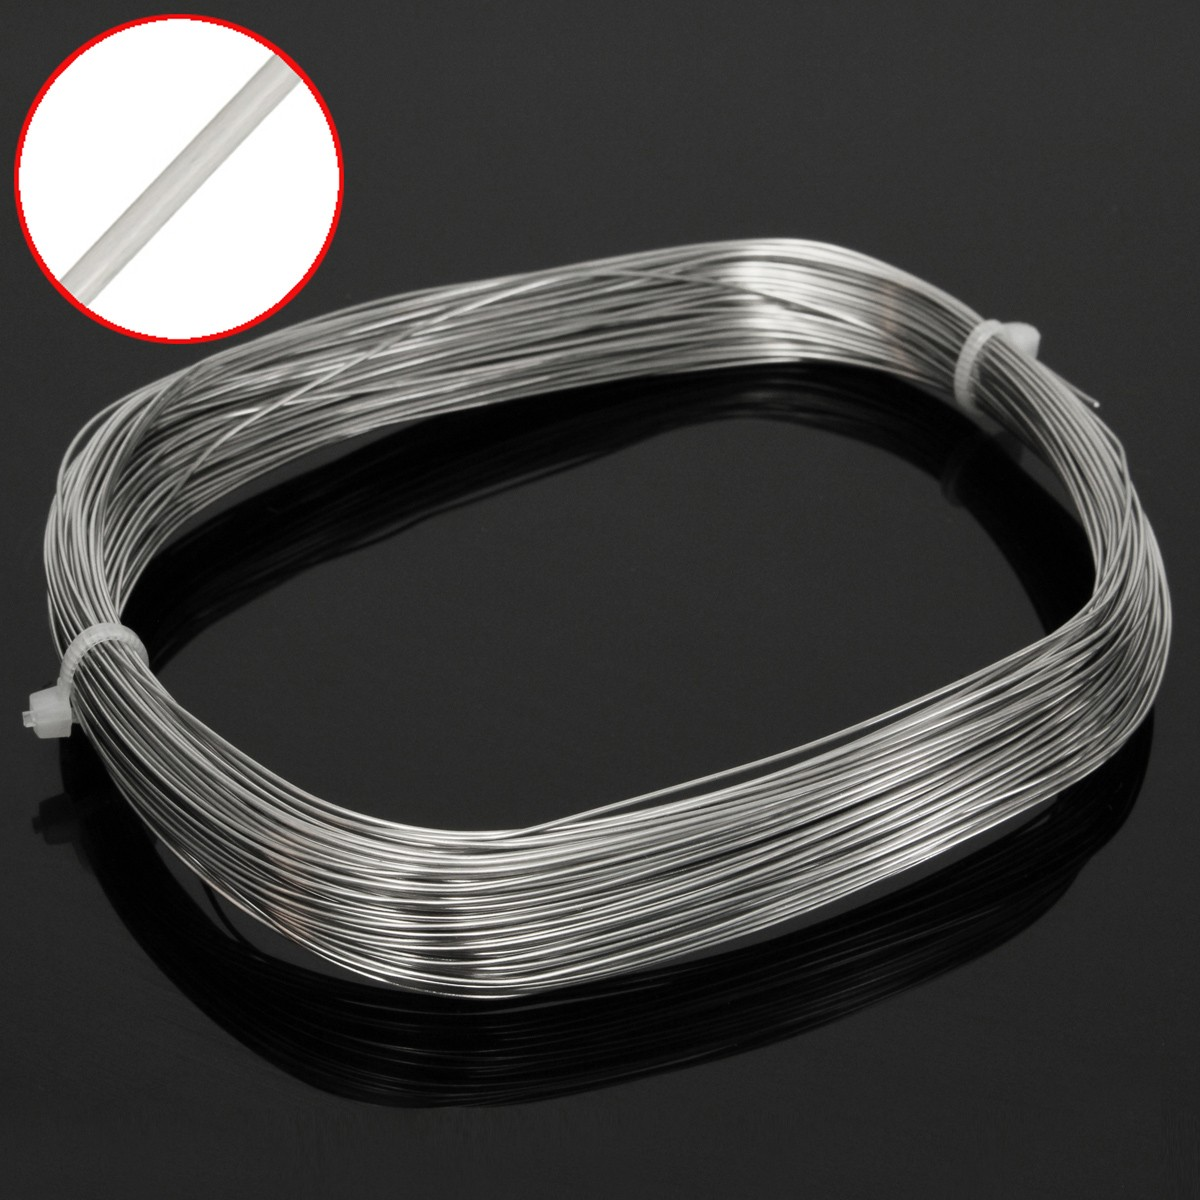 30 M x 0.6mm 304 acier inoxydable câble métallique traction Structure souple câble pêche câble de levage corde à linge